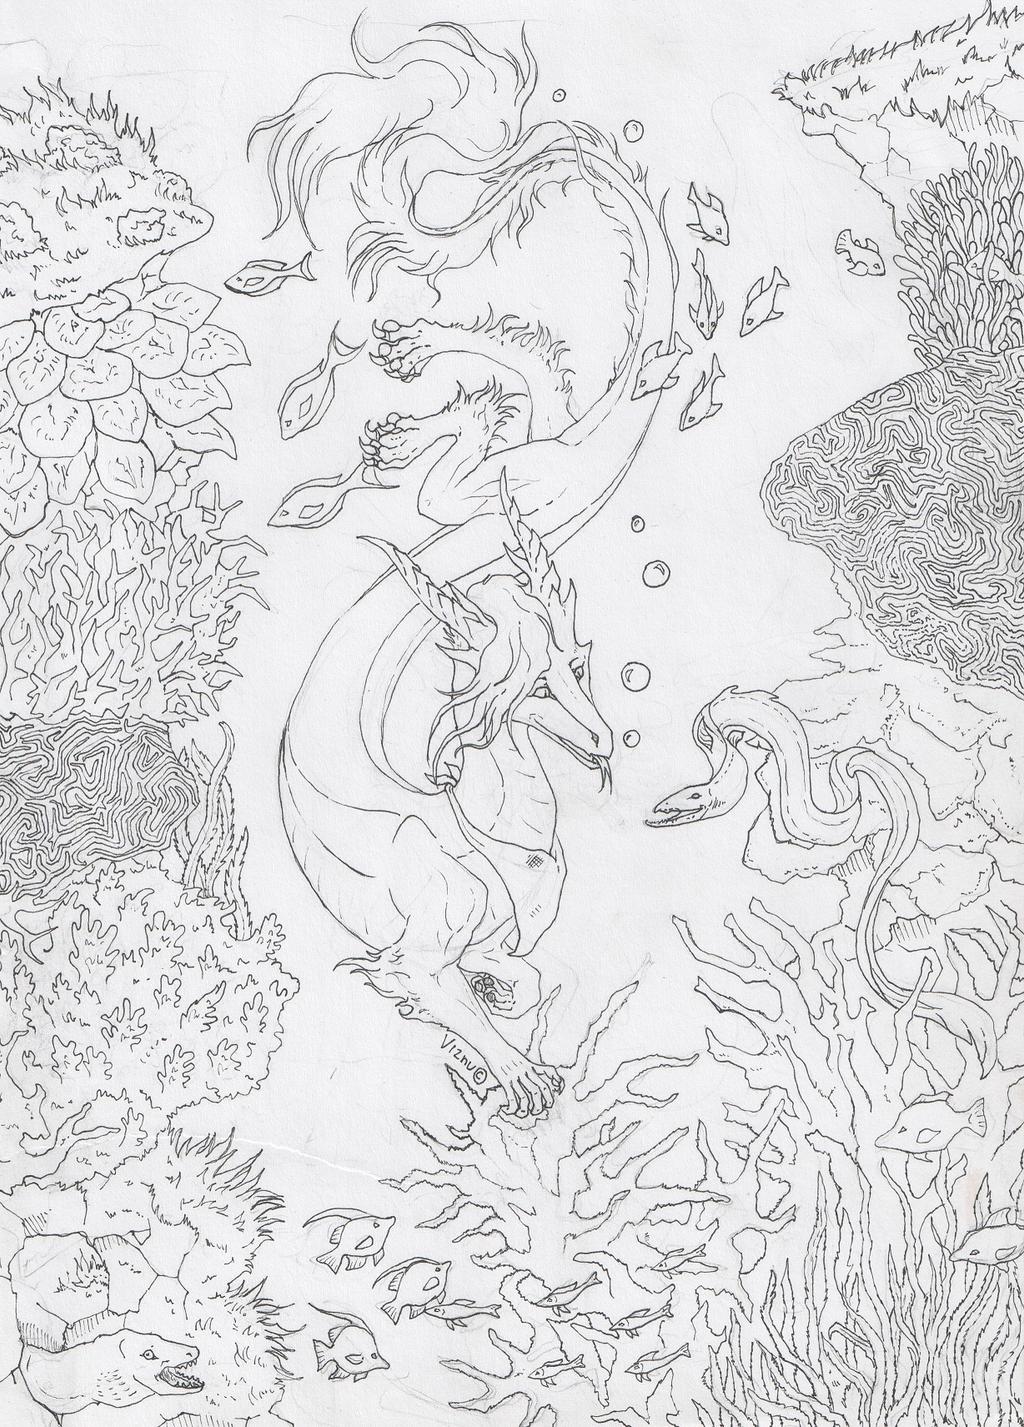 Line Art Underwater : Underwater sketch lines by viznu on deviantart